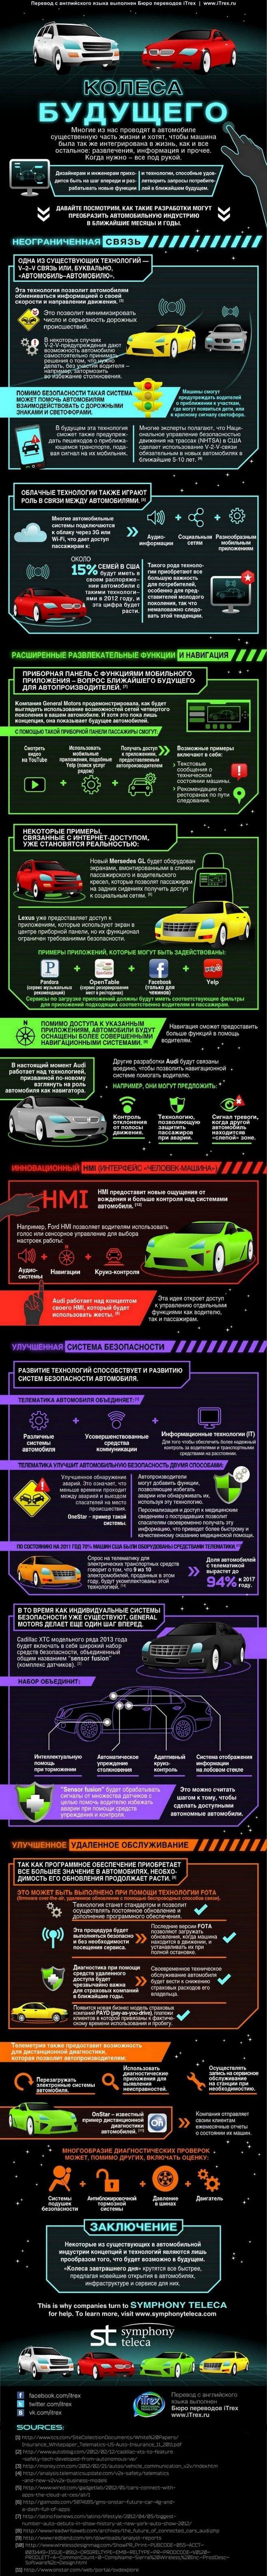 perevod buduschie tehnologii avto